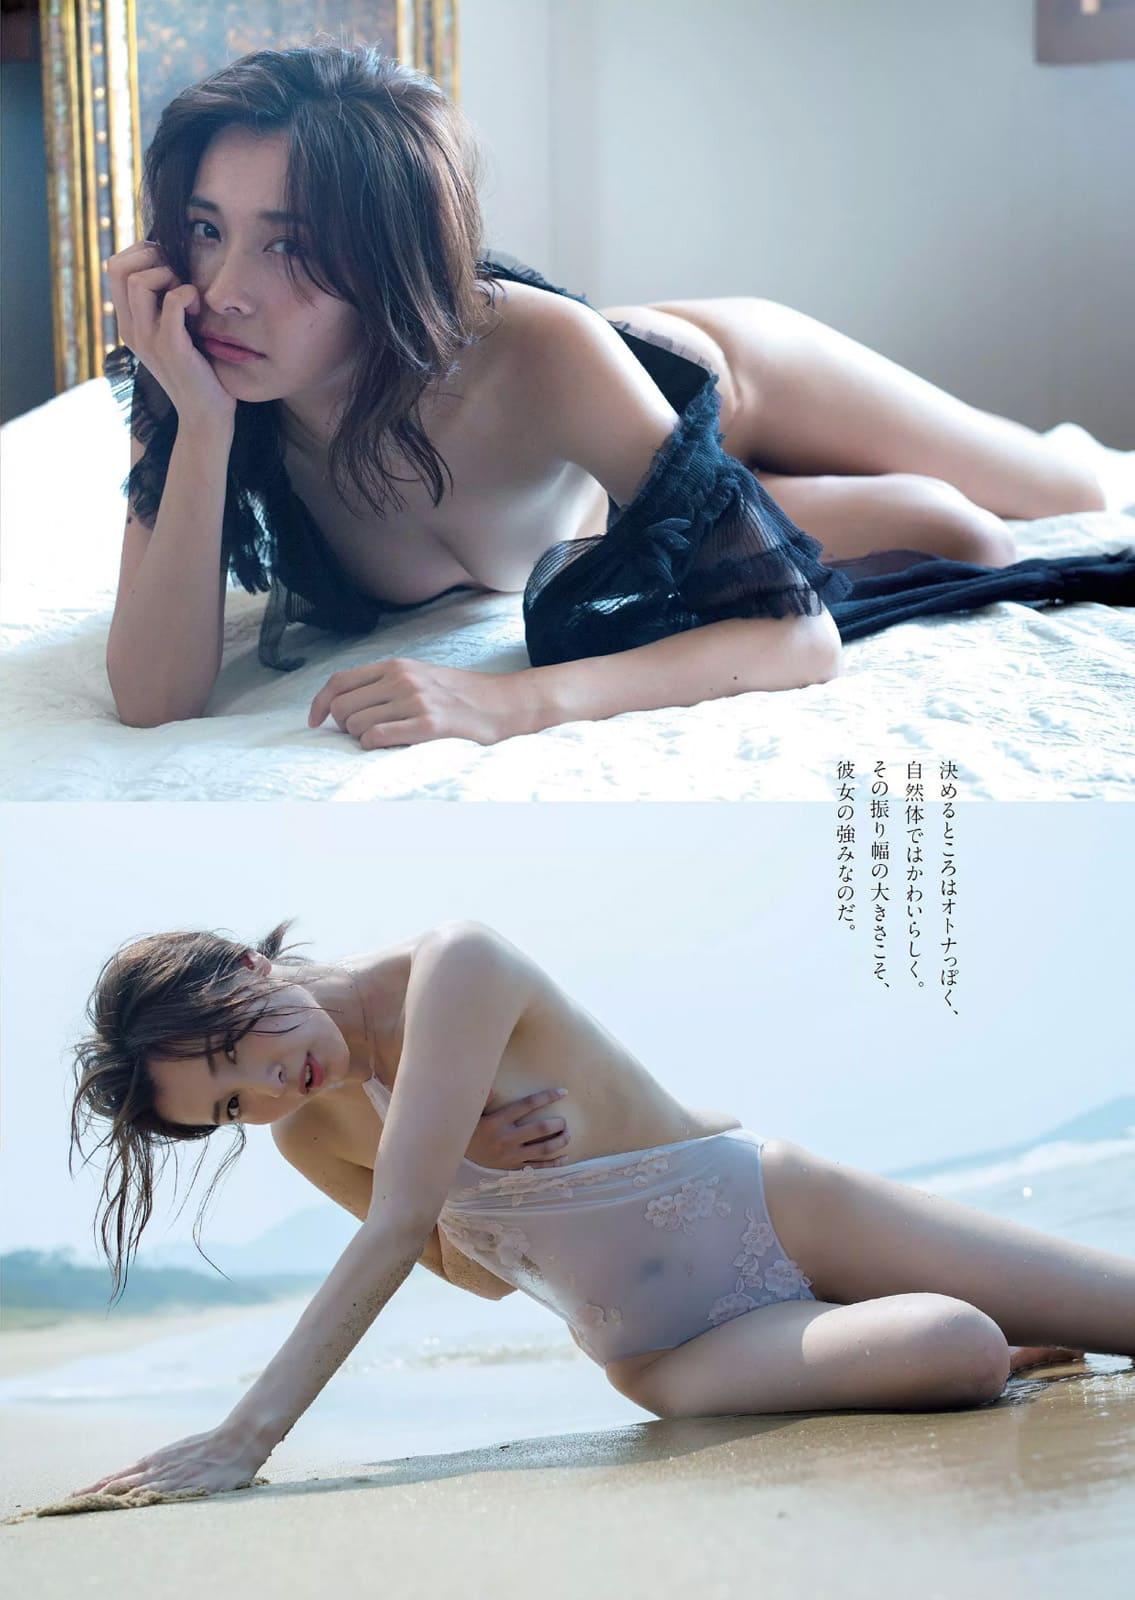 「週刊プレイボーイ 2016 No.38」山崎真実のシースルー変態水着グラビア